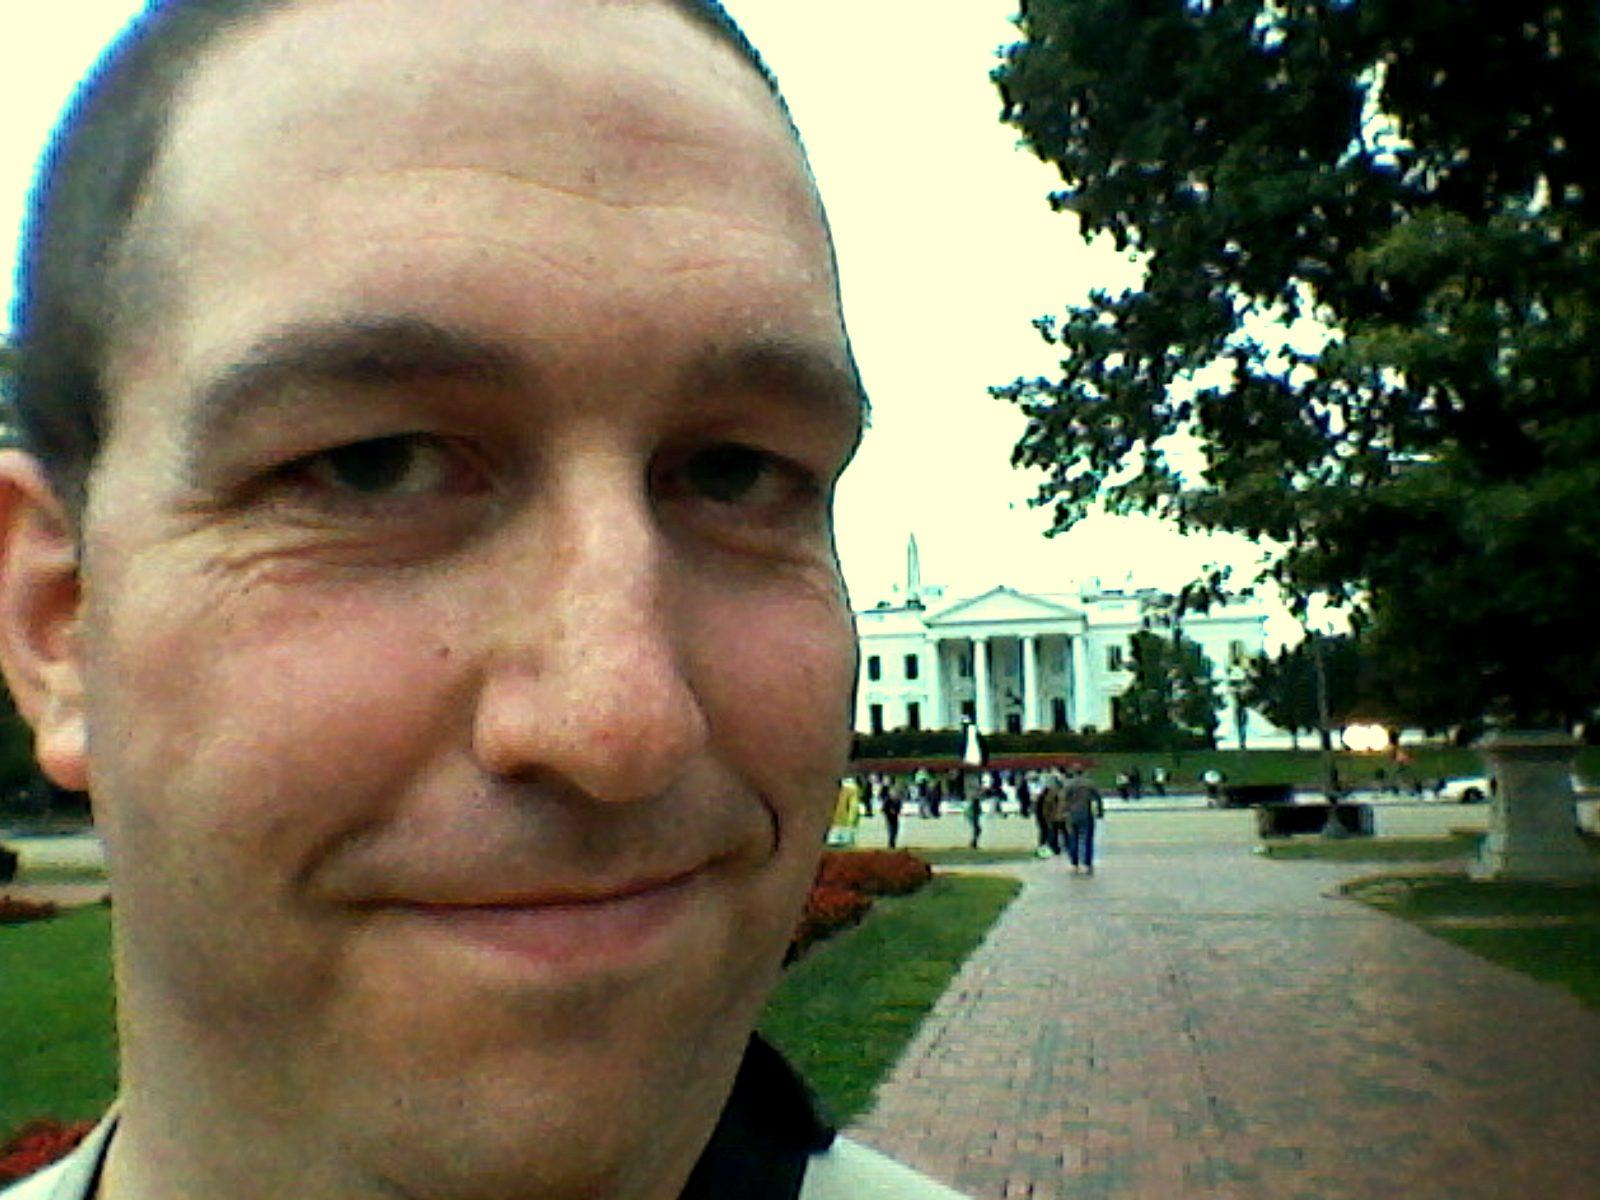 Brady by the White House